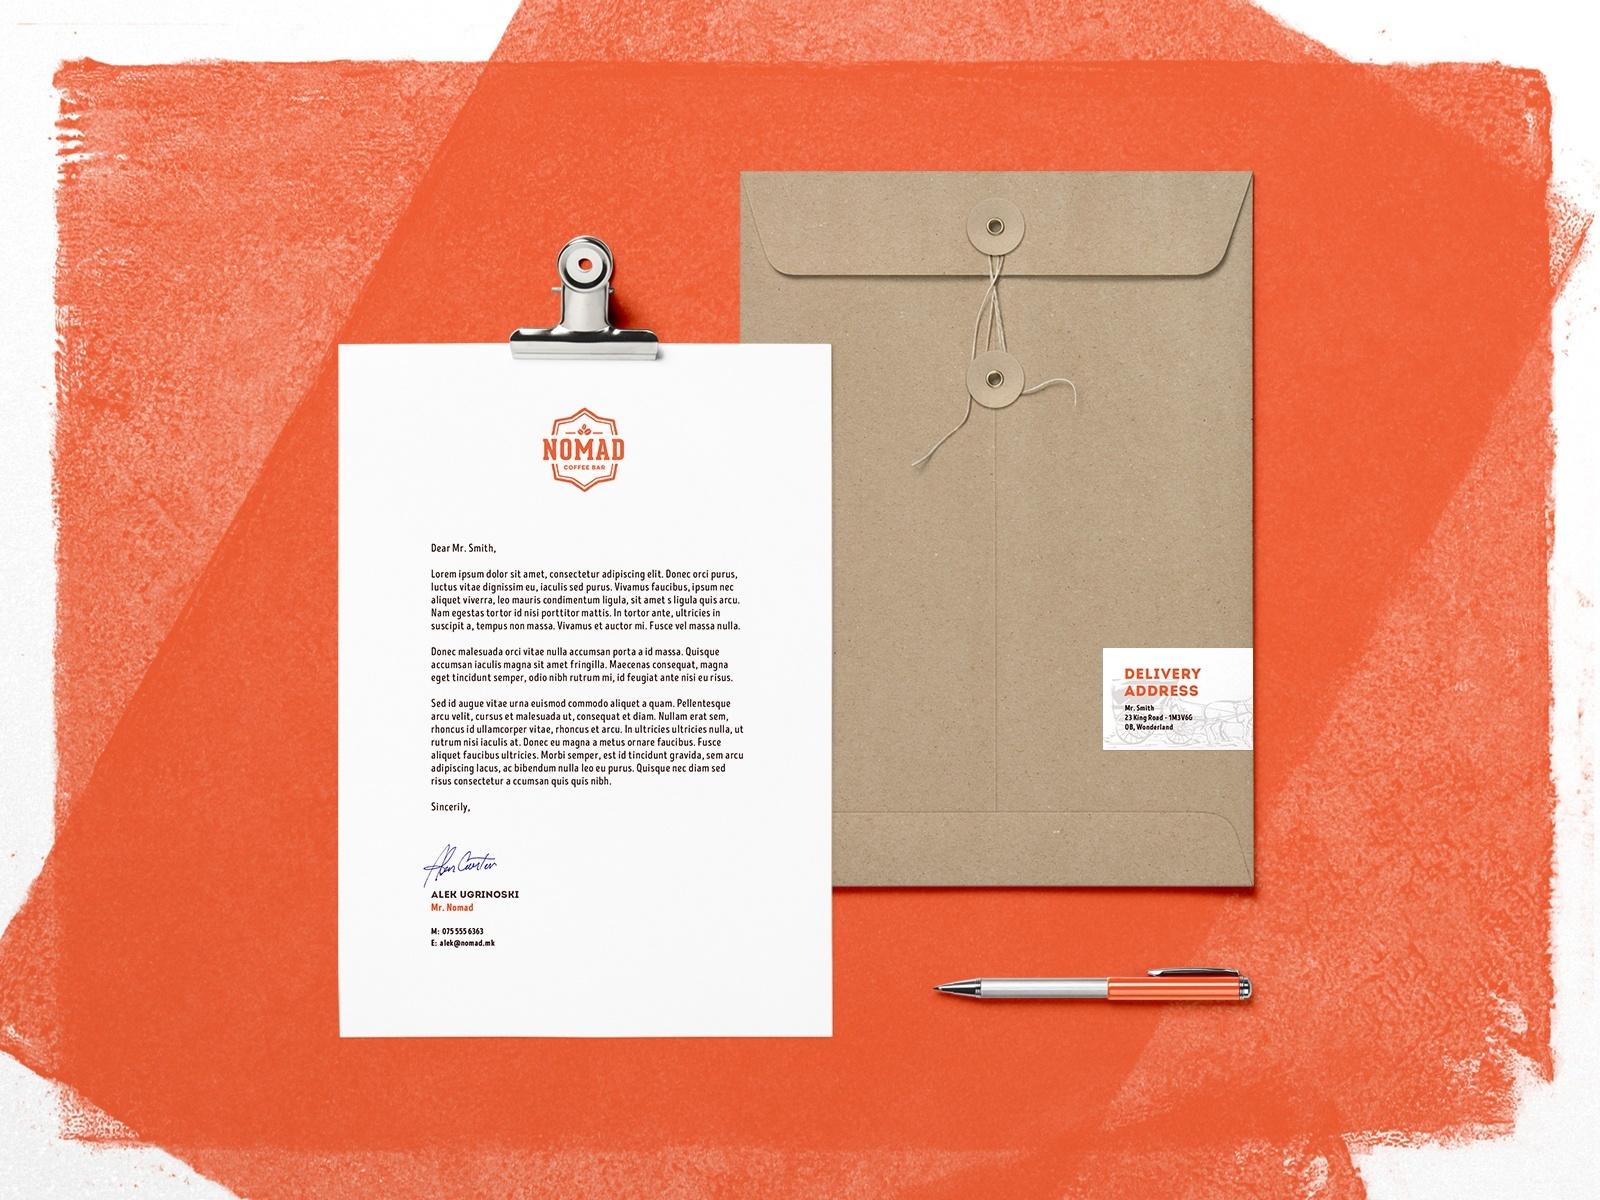 Nomad-PogonWeb-Envelope